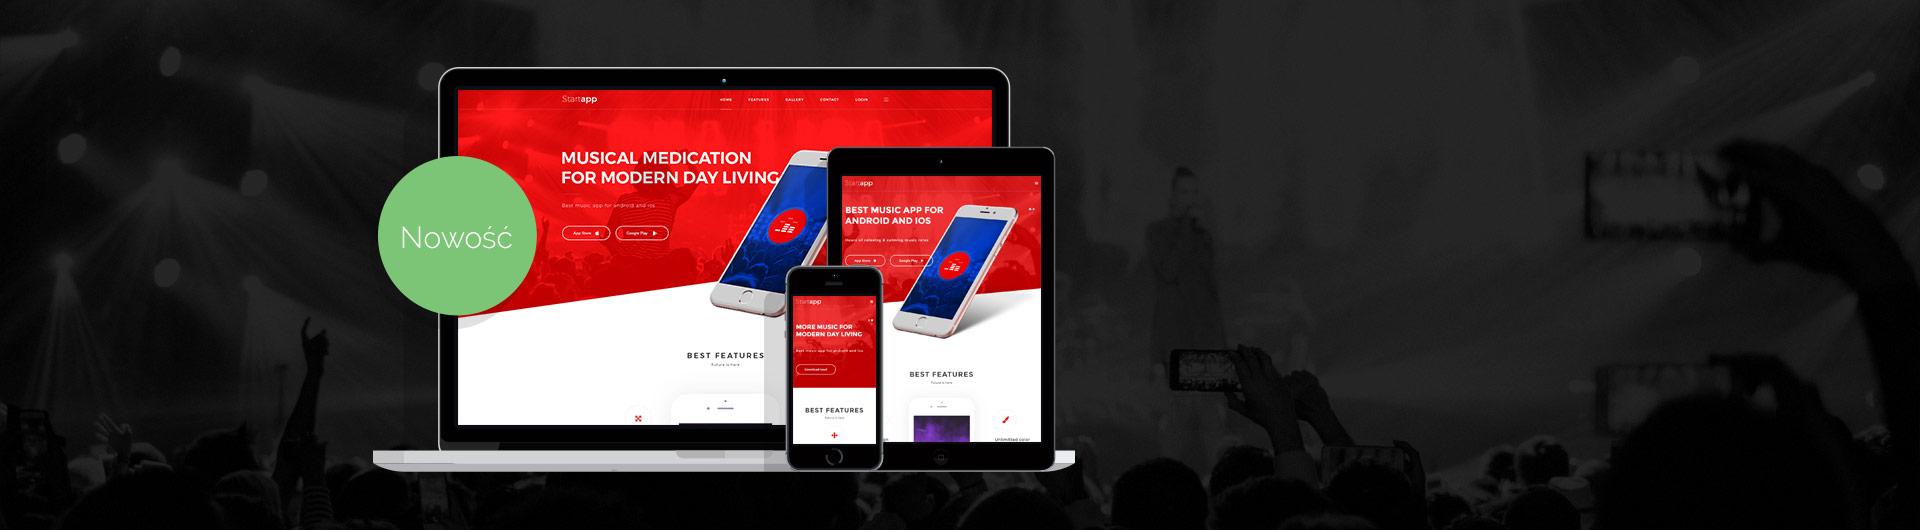 JM App - startup